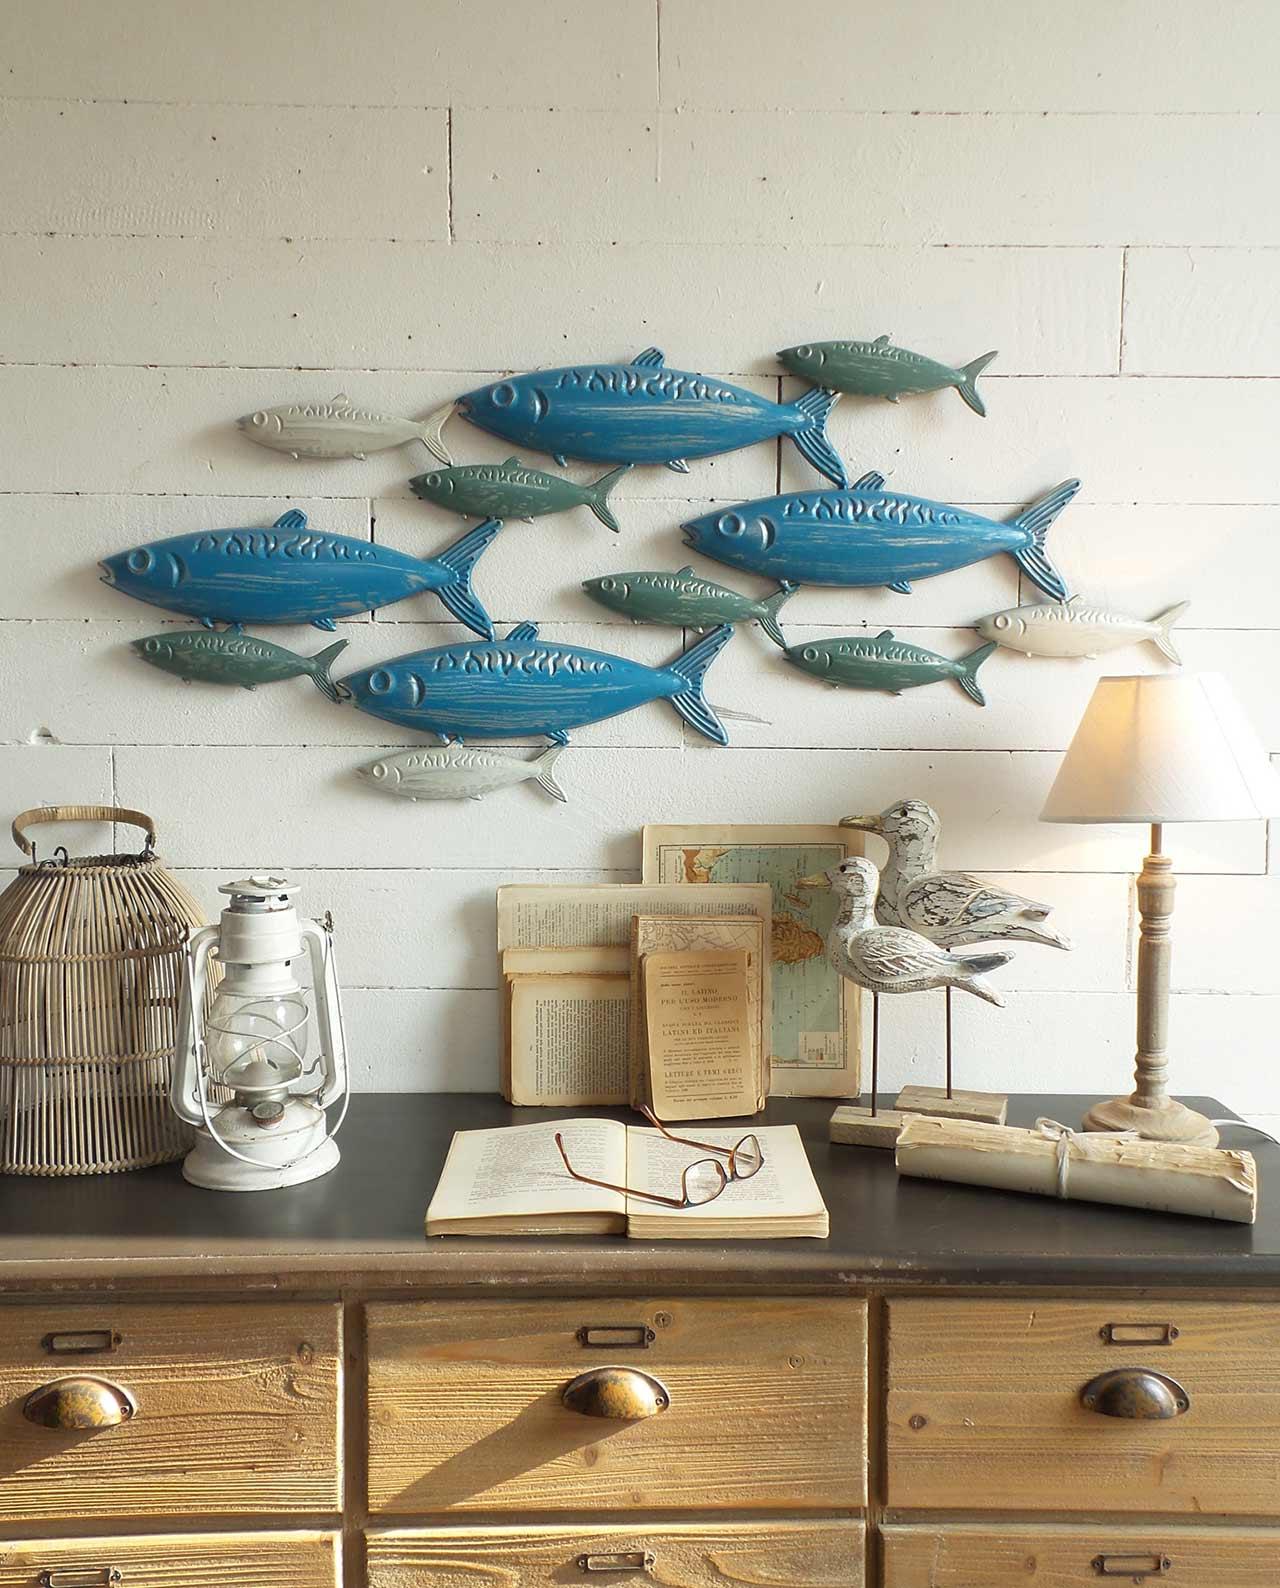 Pannelli parete decorativi con pesci for Pannelli da parete decorativi